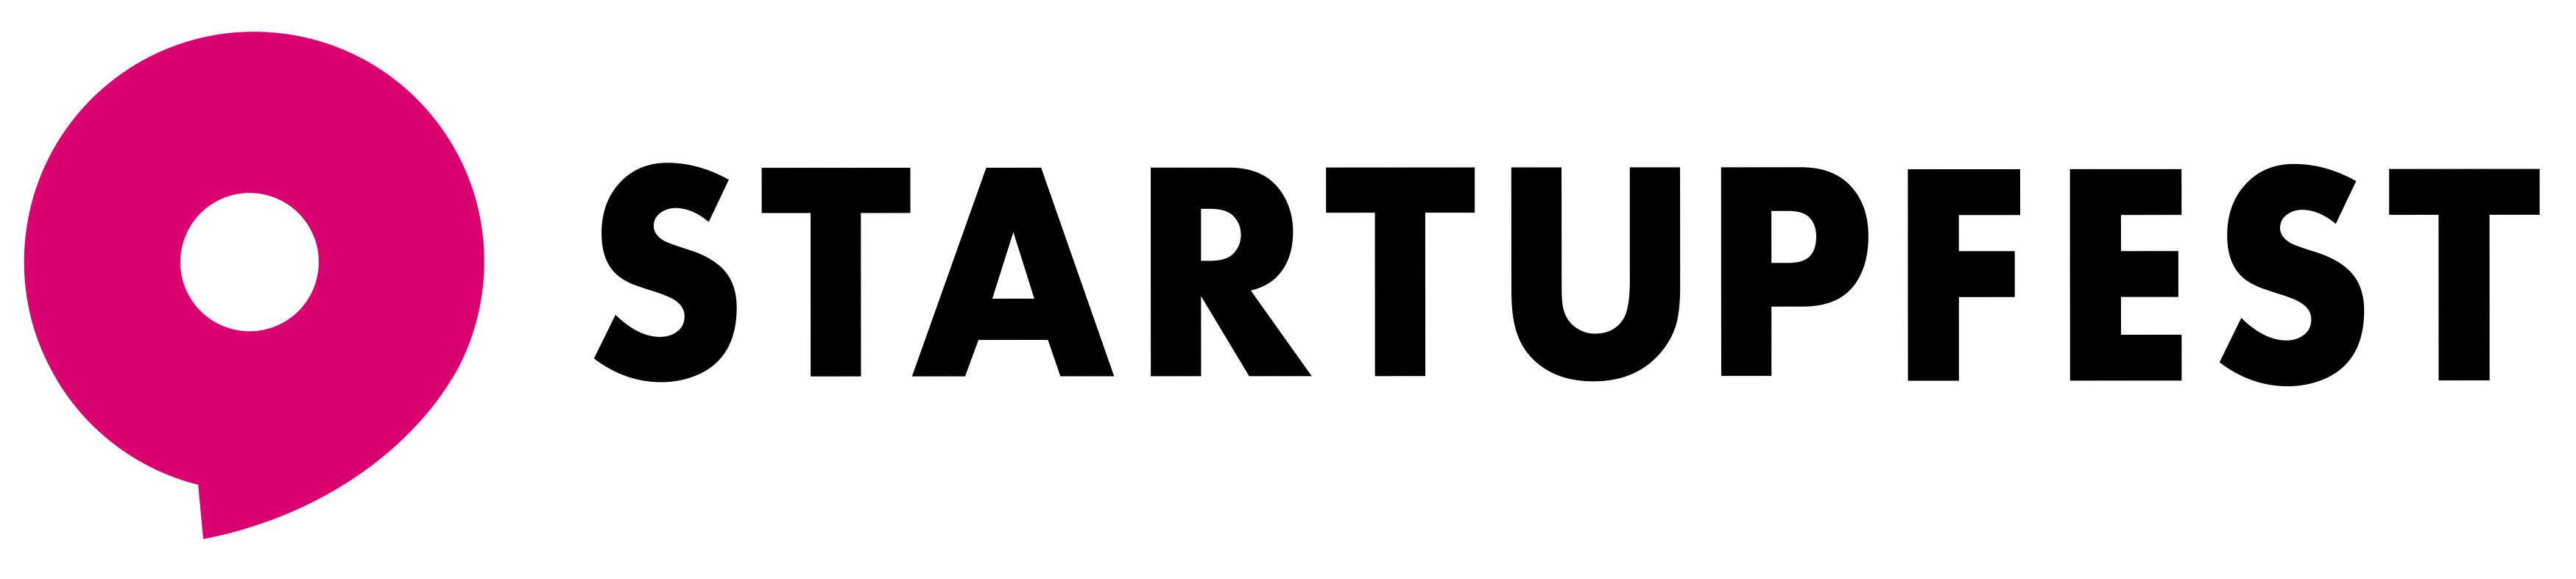 Startupfest Callout for All Entrepreneurs